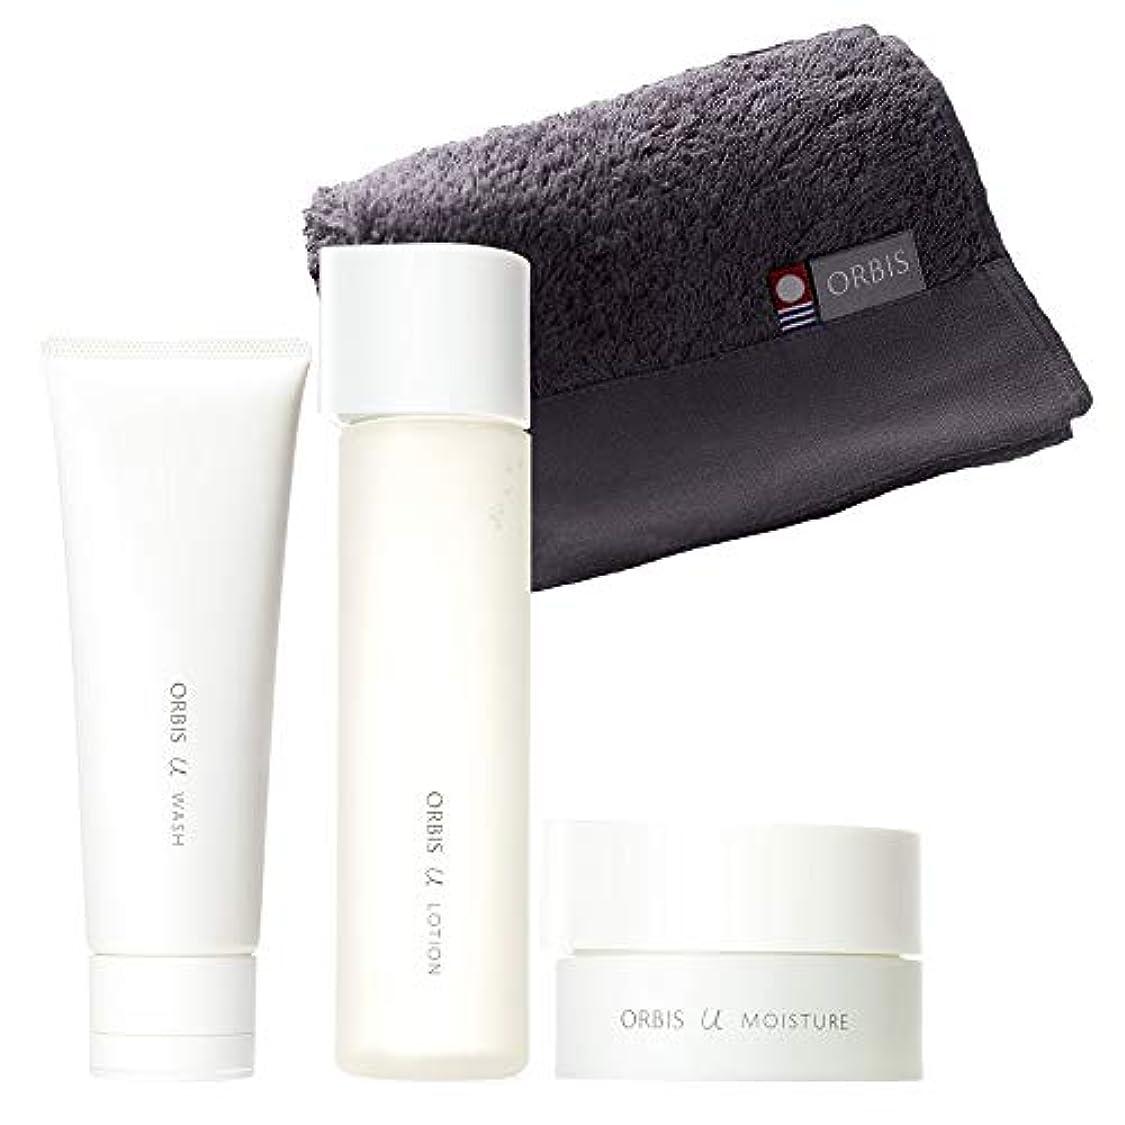 拡散する控えめなセミナーオルビス(ORBIS) オルビスユー 3ステップセット タオル付(洗顔料+化粧水+保湿液)